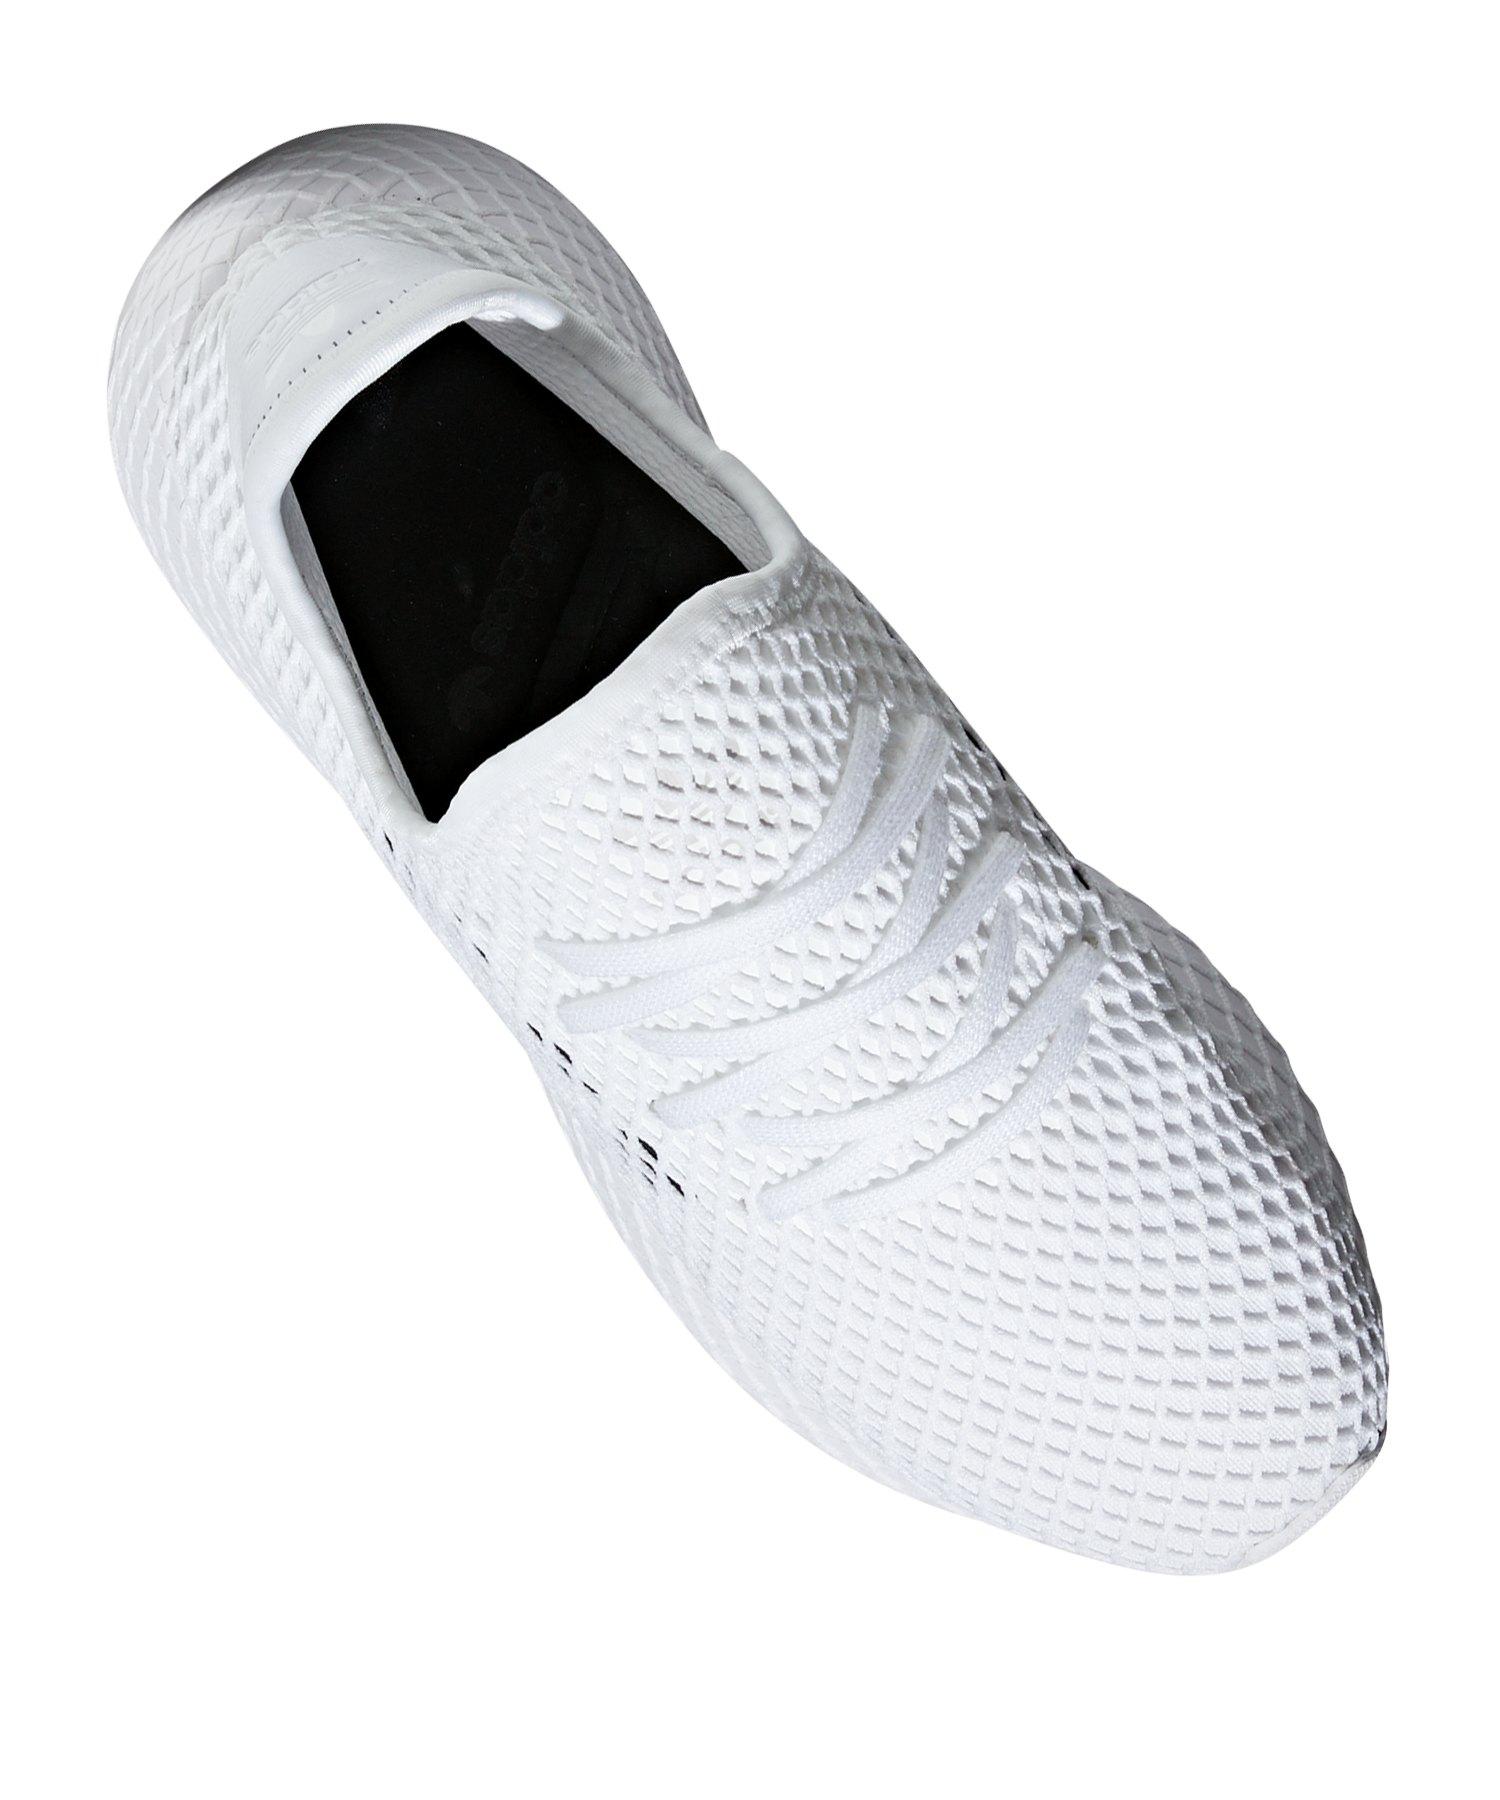 adidas Deerupt Runner Schuh Rosa | adidas Deutschland